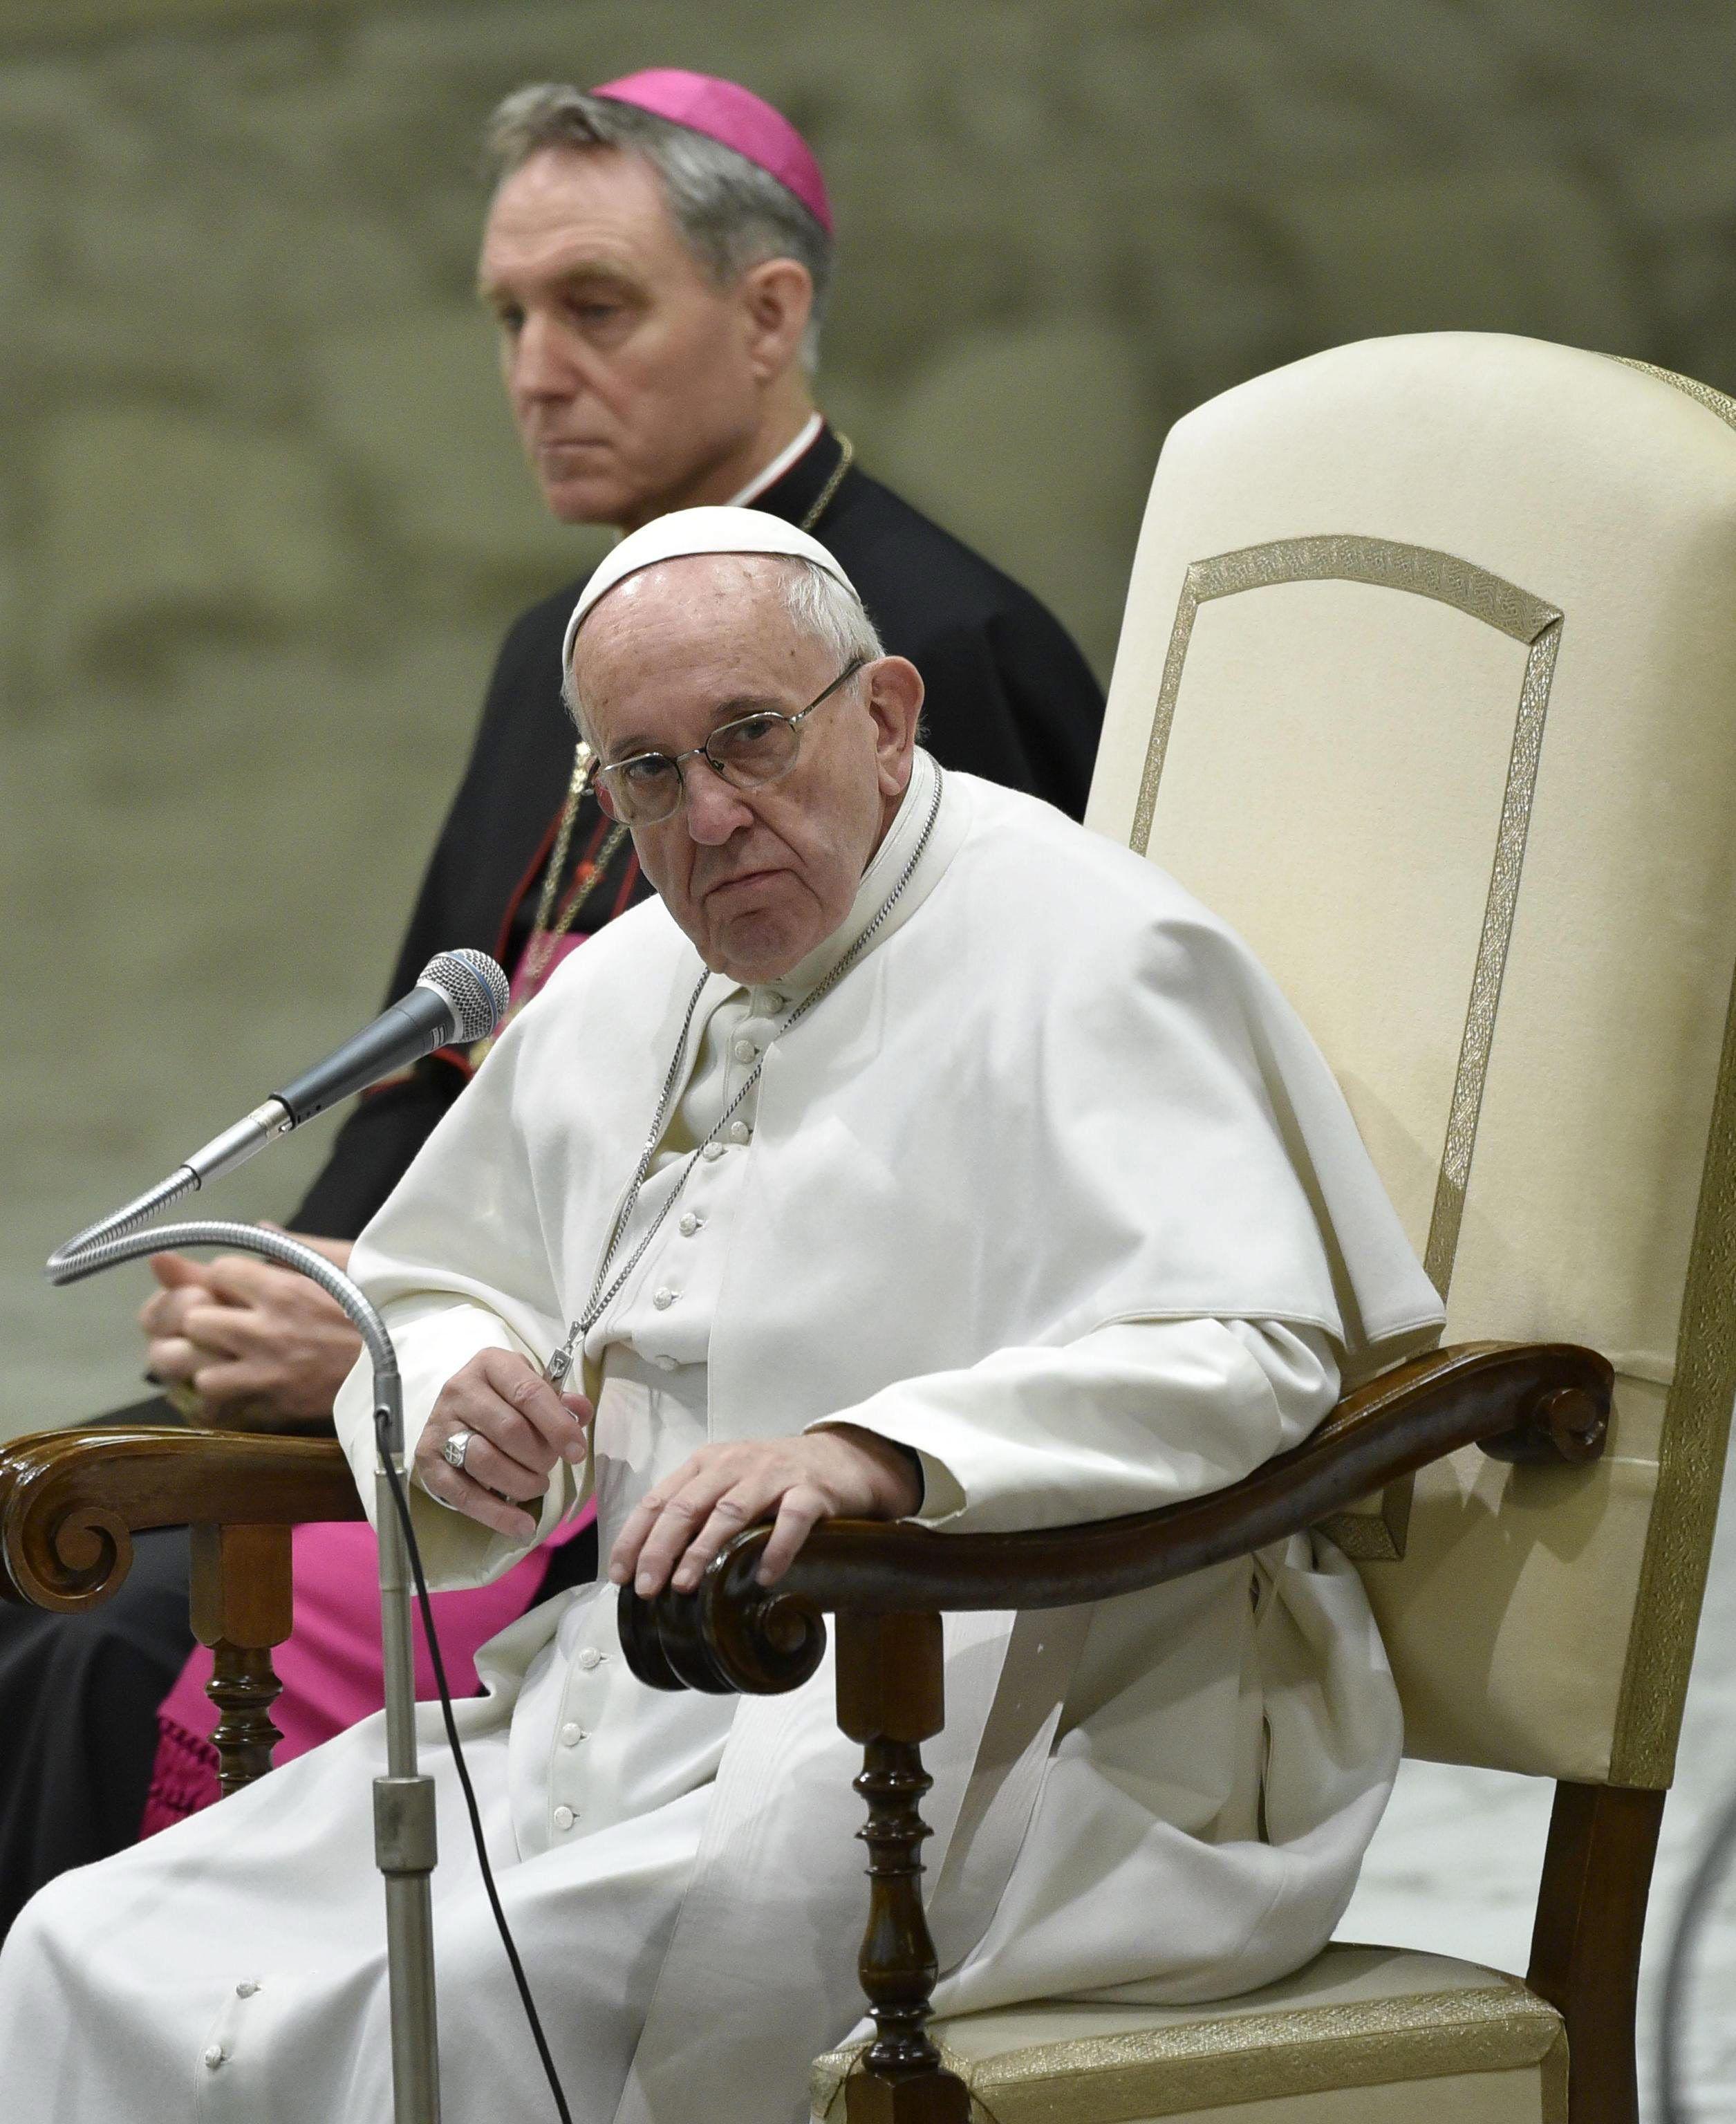 El Papa viaja a Suecia para conmemorar la Reforma luterana